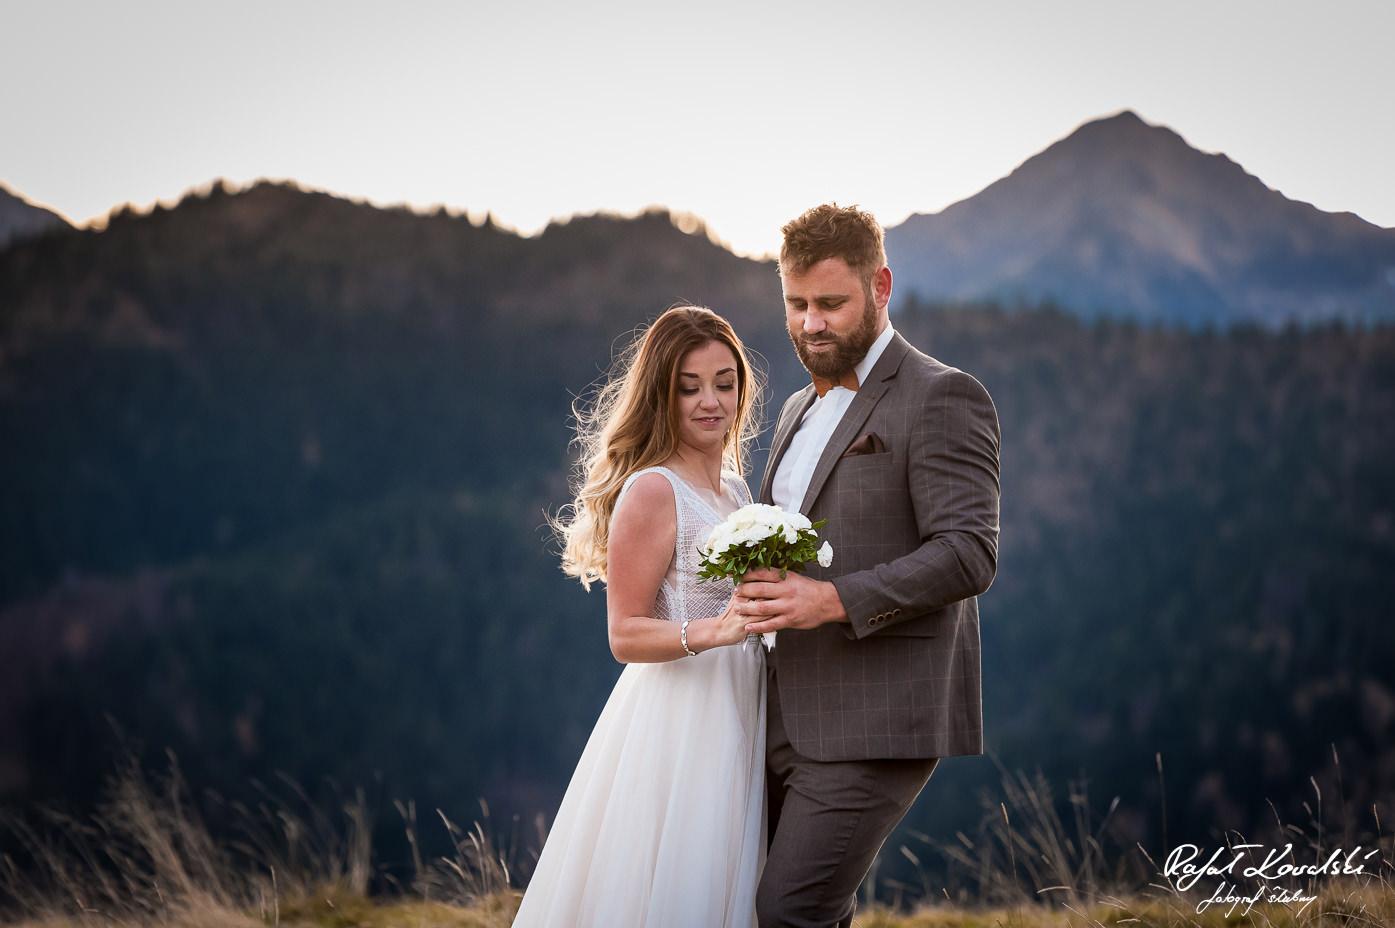 bukiet ślubny na sesji ślubnej to pożądany dodatek